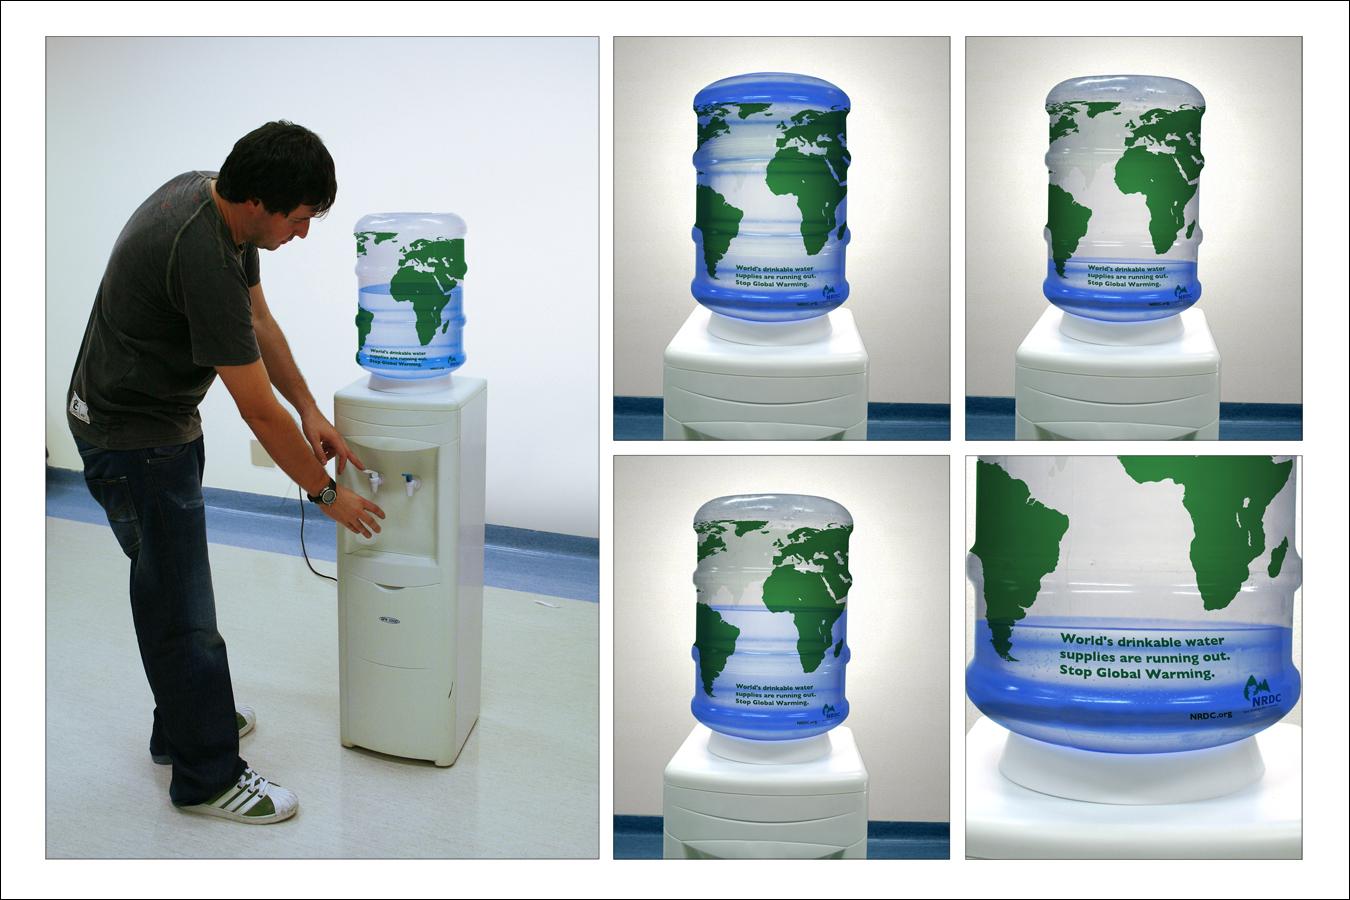 Título: As reservas de água potável do planeta estão acabando. Pare o Aquecimento Global.